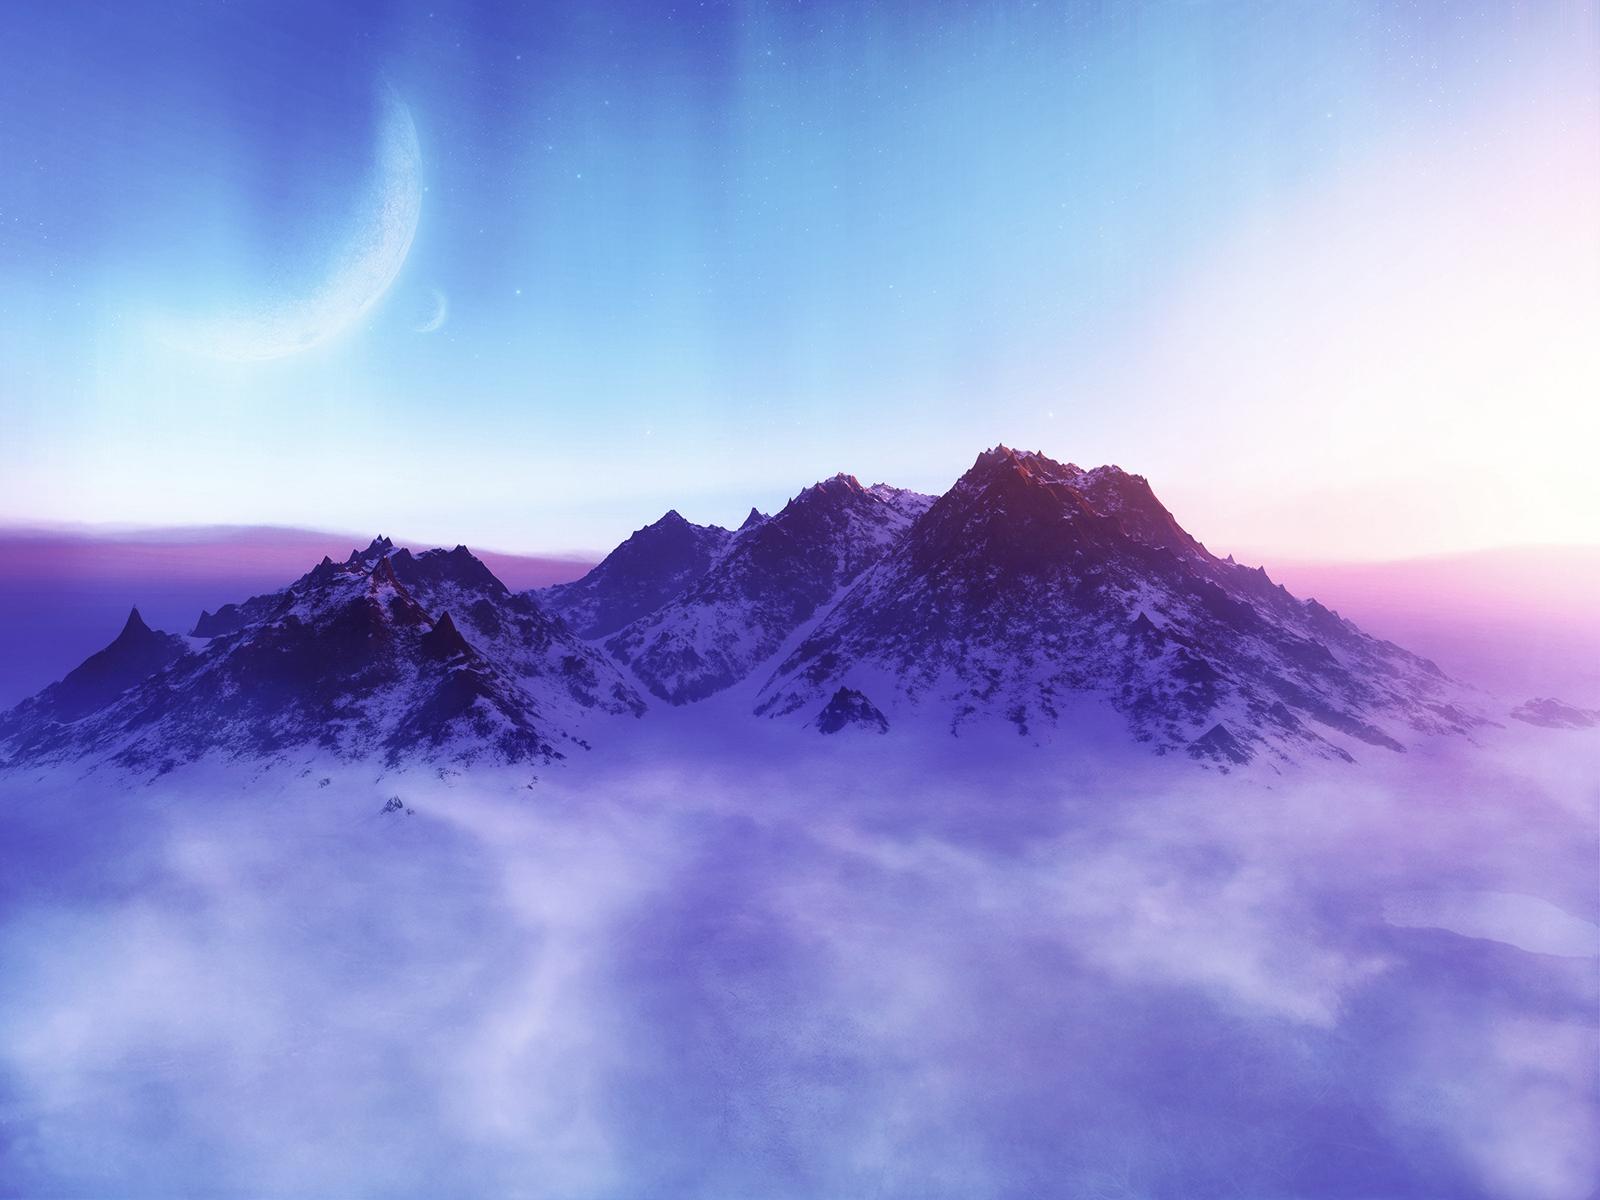 Aurora Borealis by Smattila